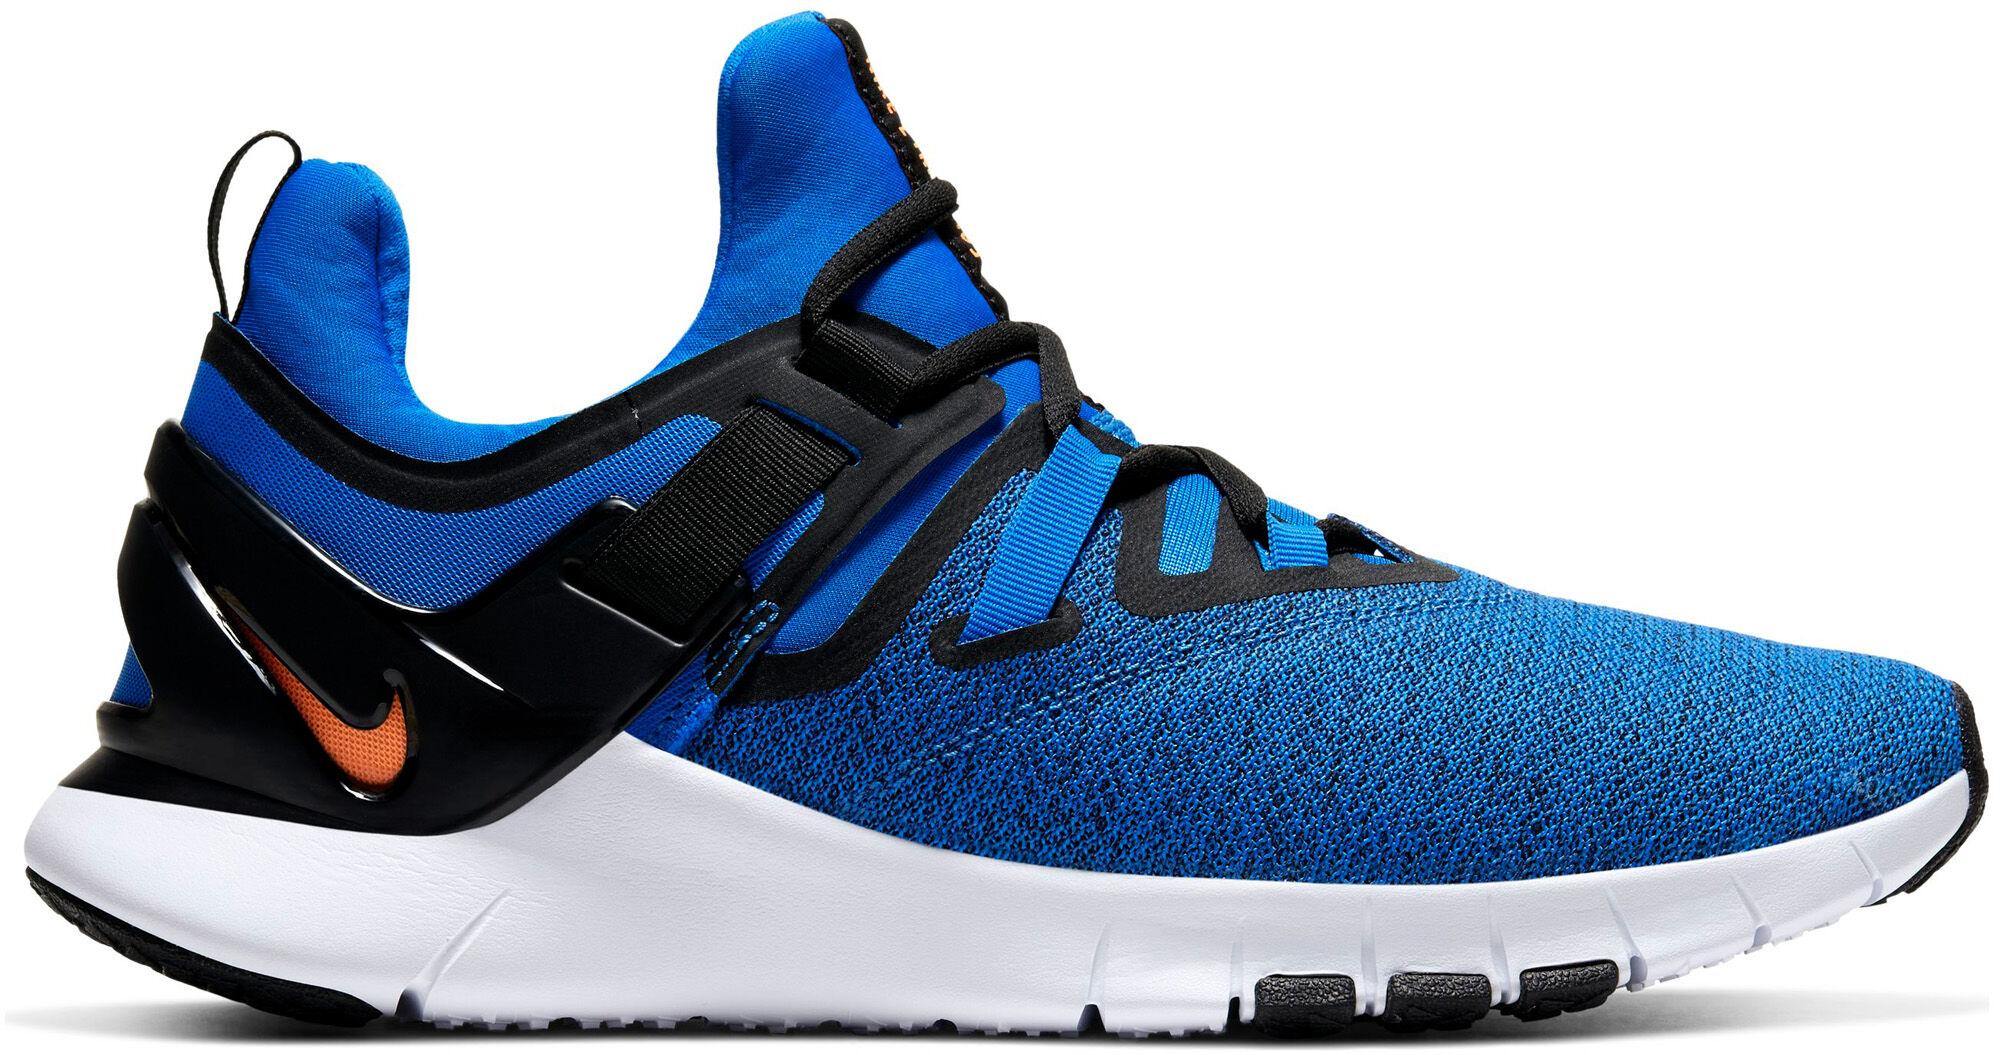 Fitnesssko | Mænd | Køb fitnesssko til herre online